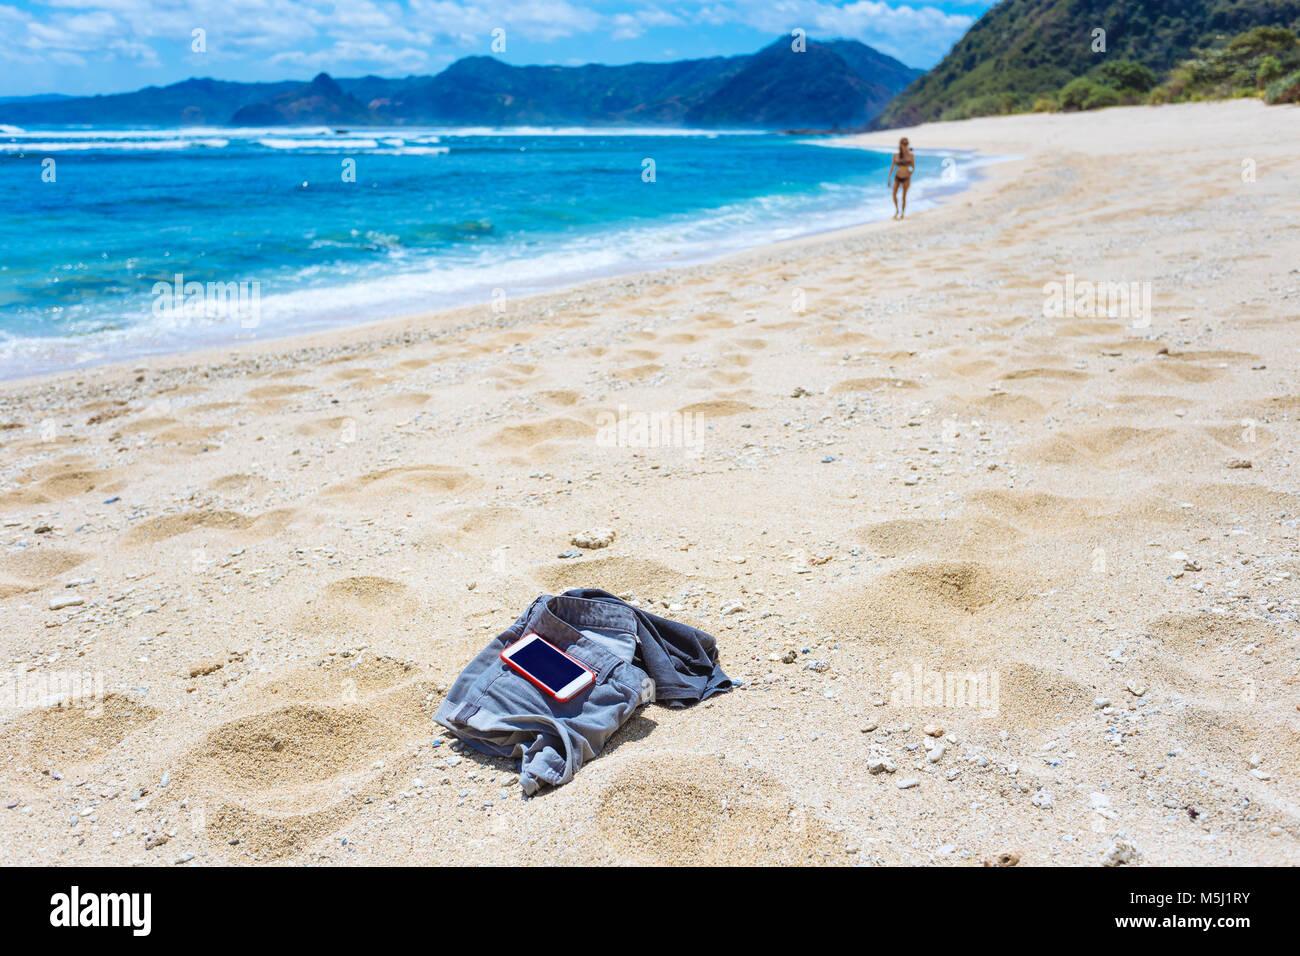 Indonesien, Lombok, Frau am Sandstrand Stockbild